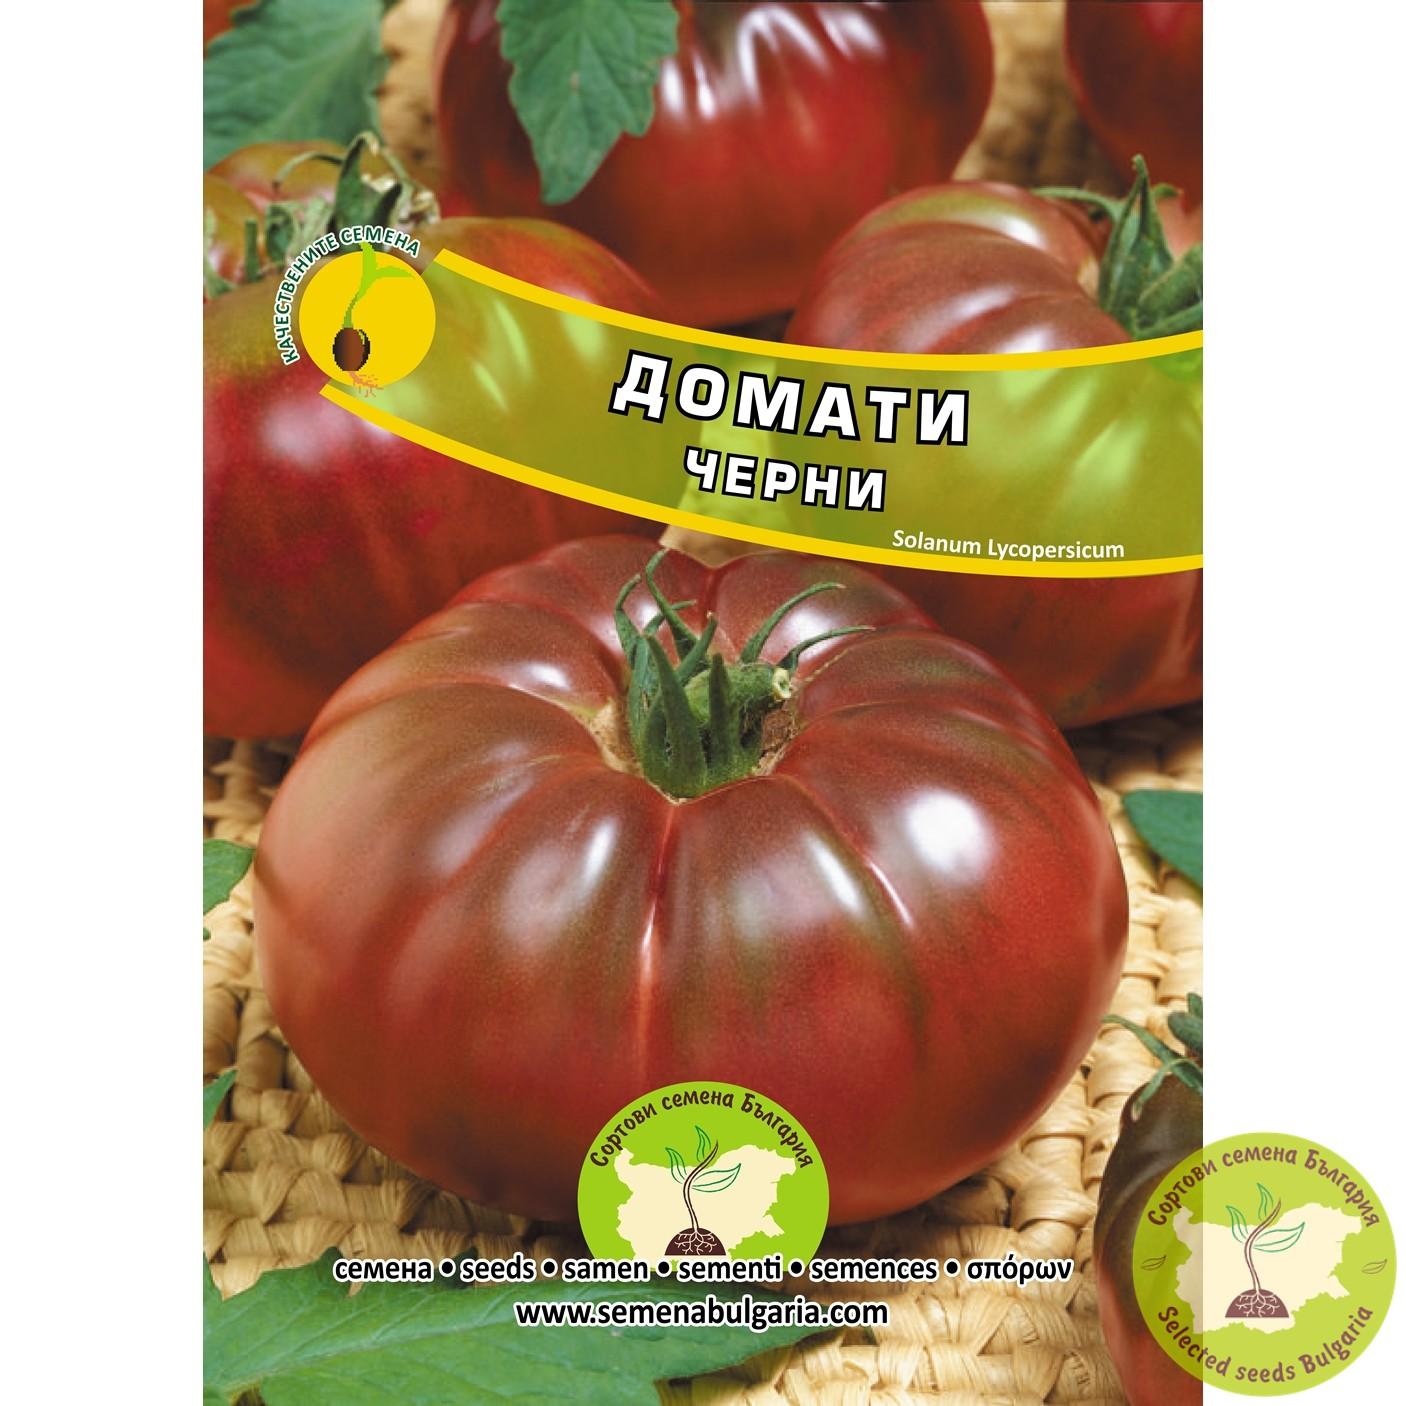 Семена домати Черни